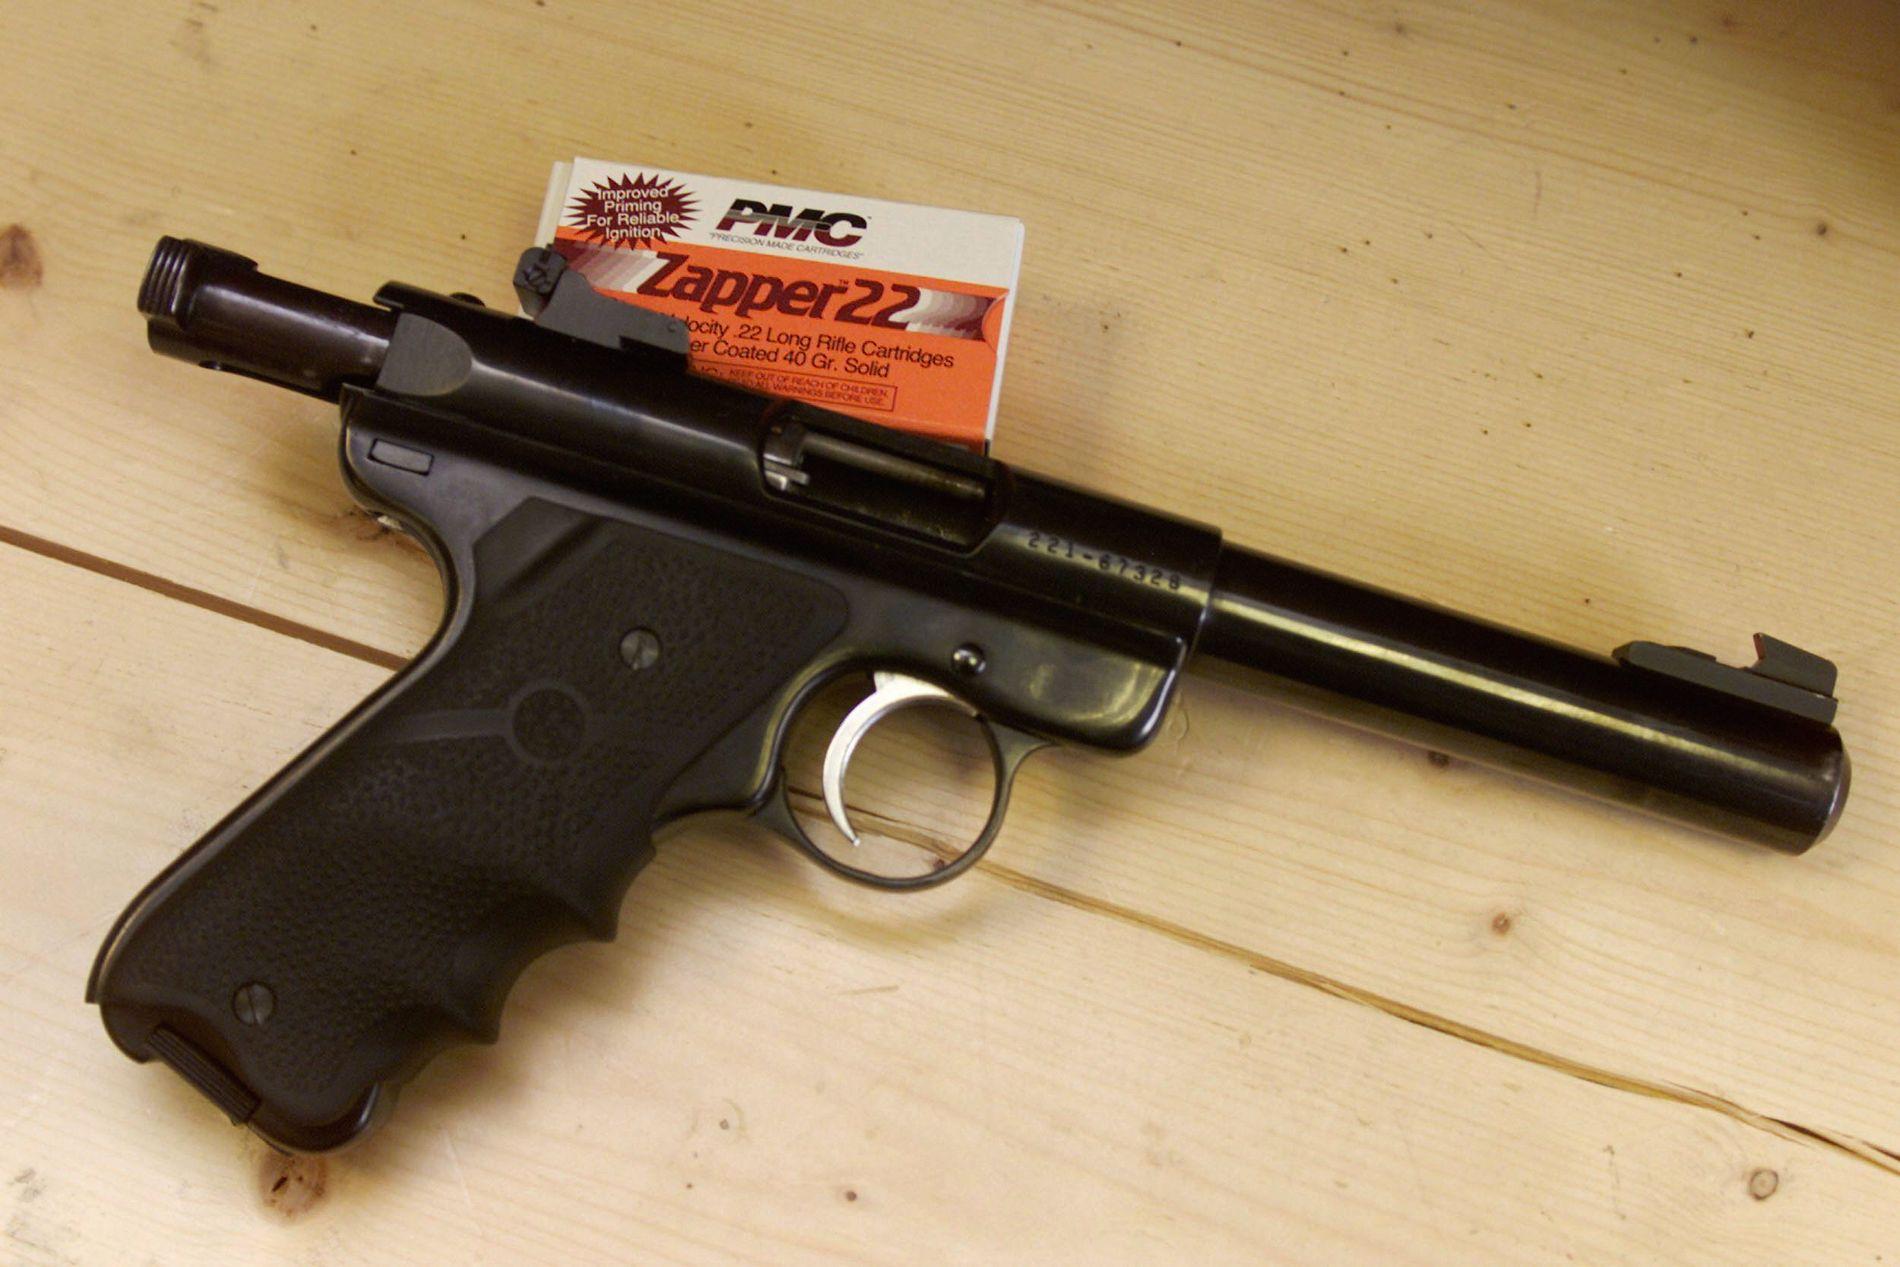 VÅPEN: Det ene drapsvåpenet var en Ruger 22 kaliber pistol, lik den som er avbildet.